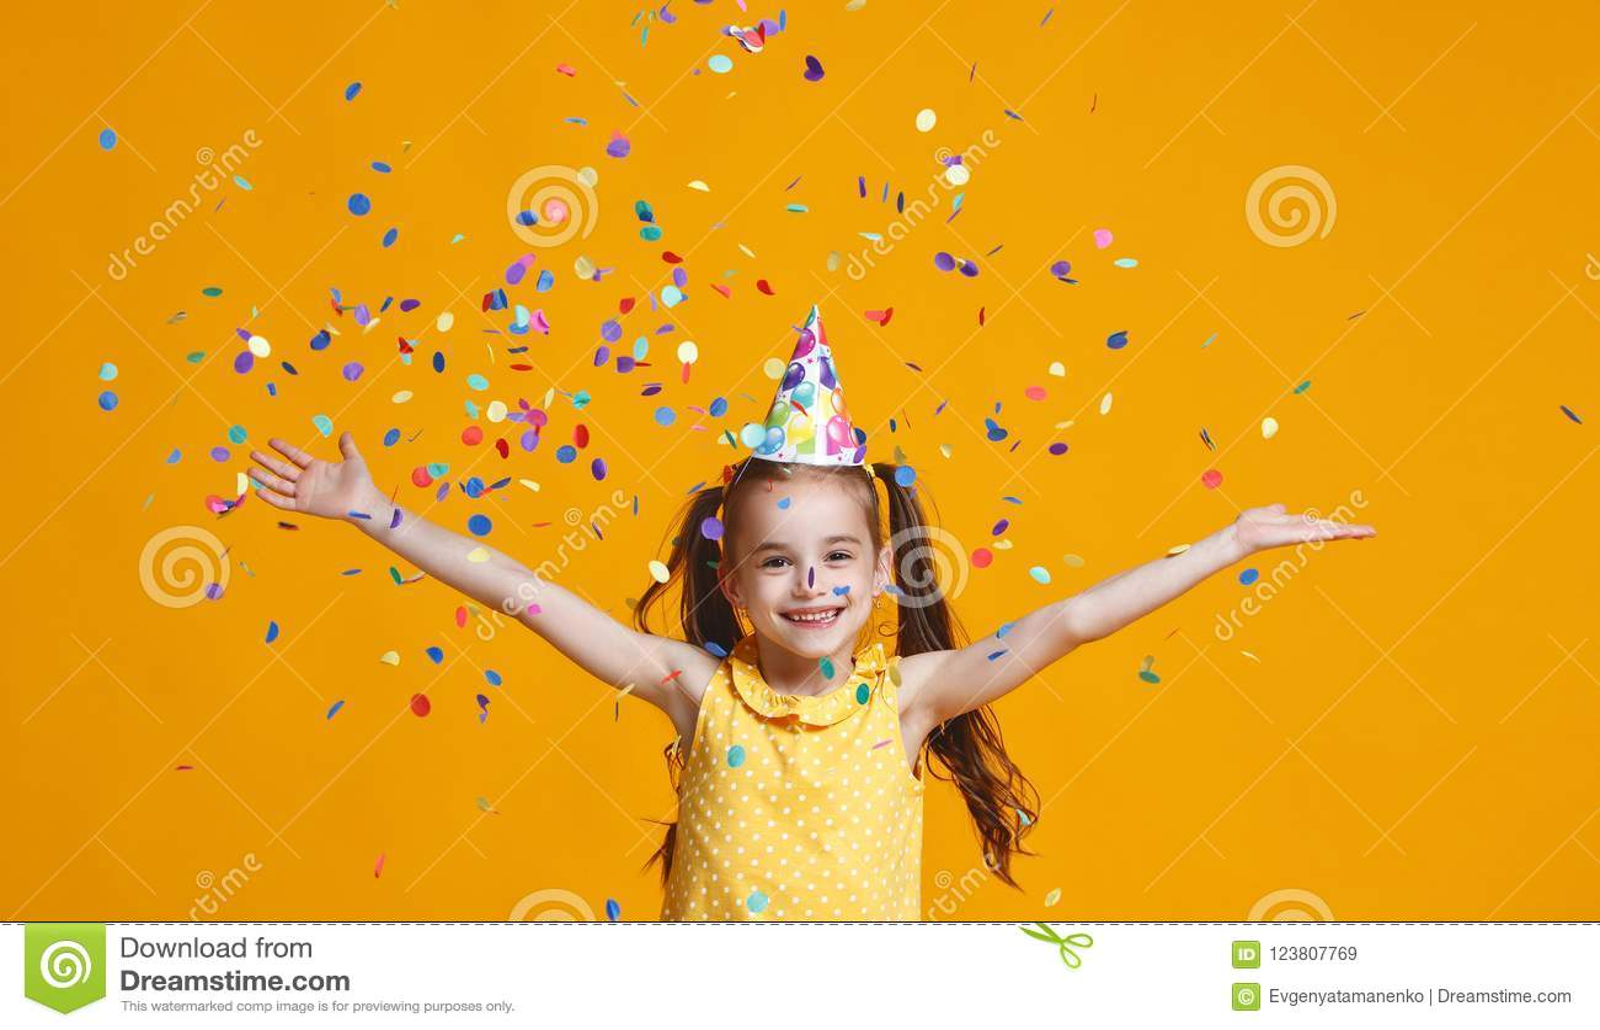 Het gelukkige meisje van het verjaardagskind met confettien op gele achtergrond